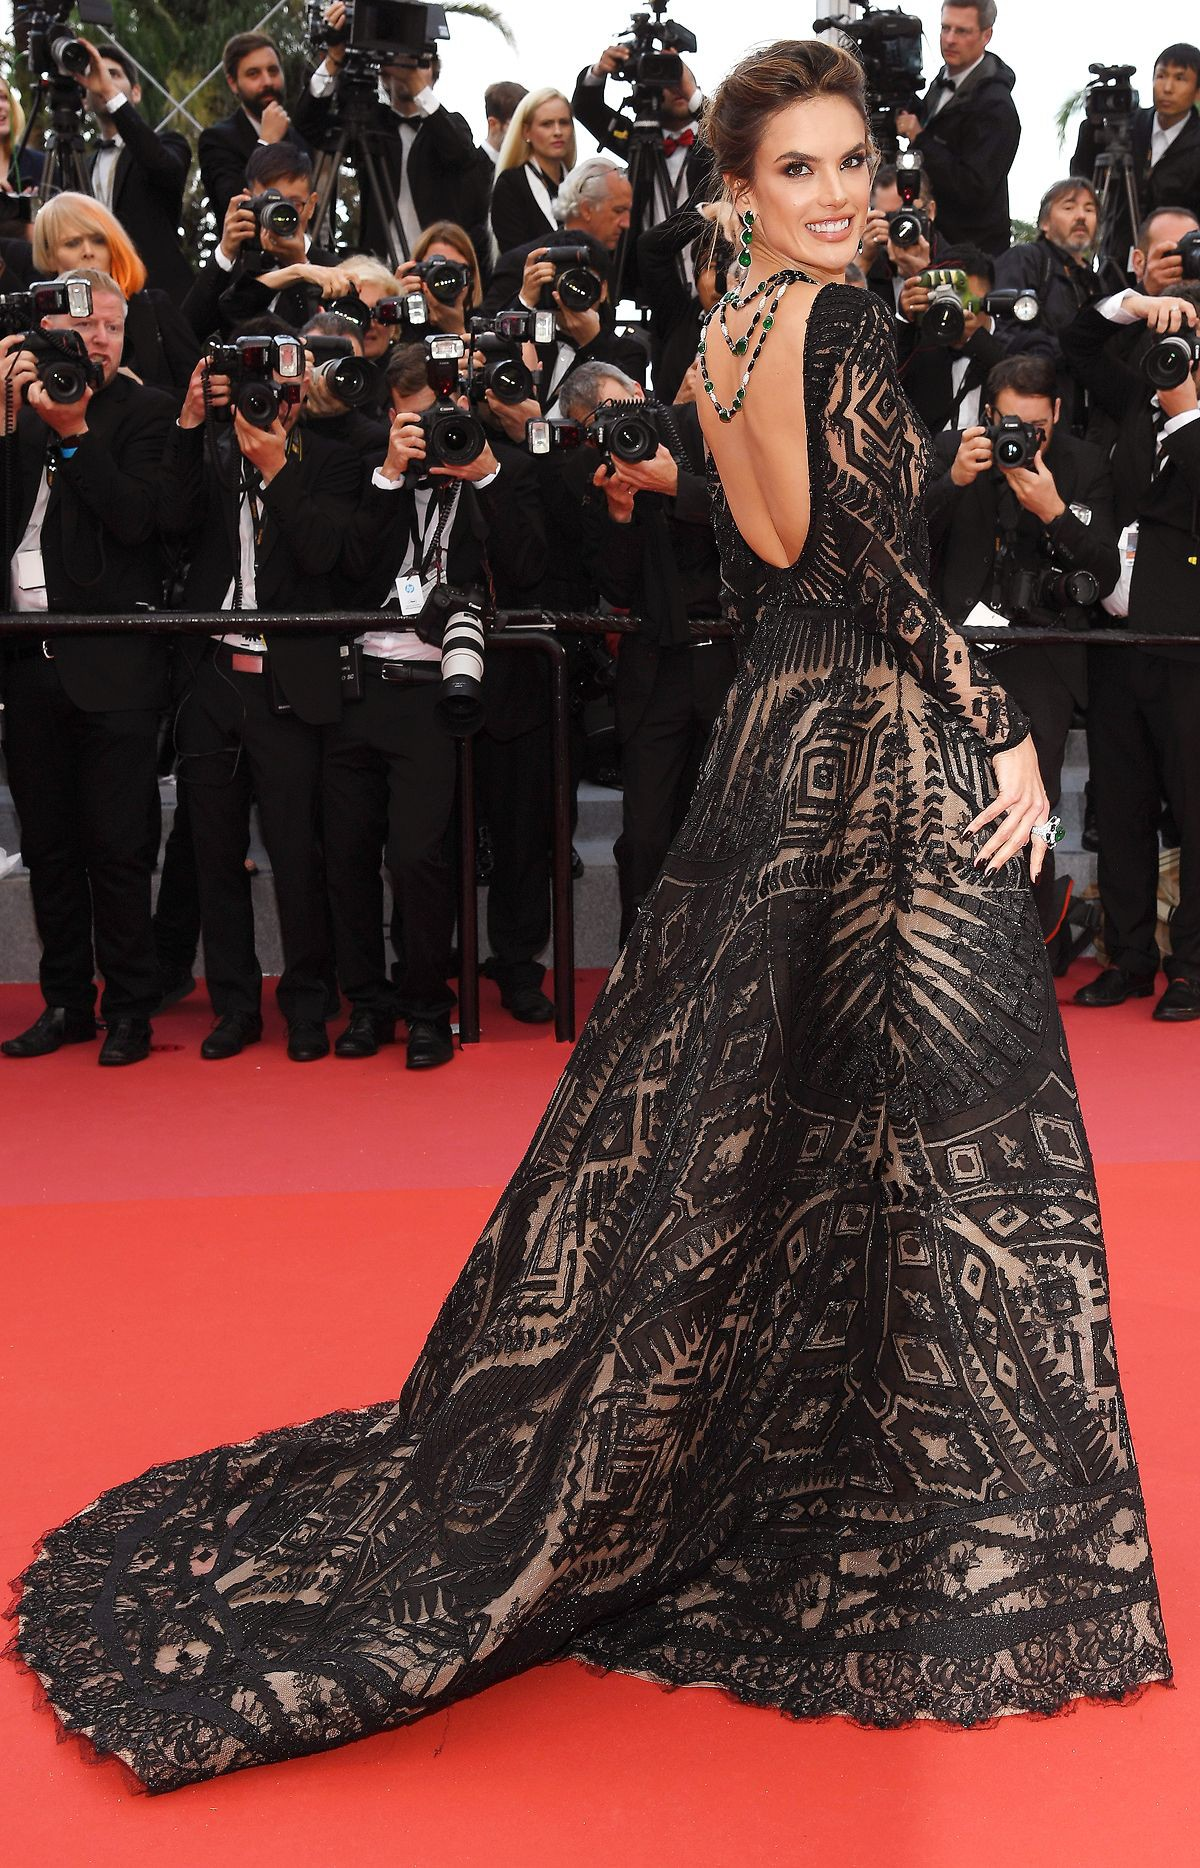 Thảm đỏ Cannes những ngày qua không thiếu công chúa nhưng phải đến bây giờ, nữ hoàng mới thực sự xuất hiện - Ảnh 2.